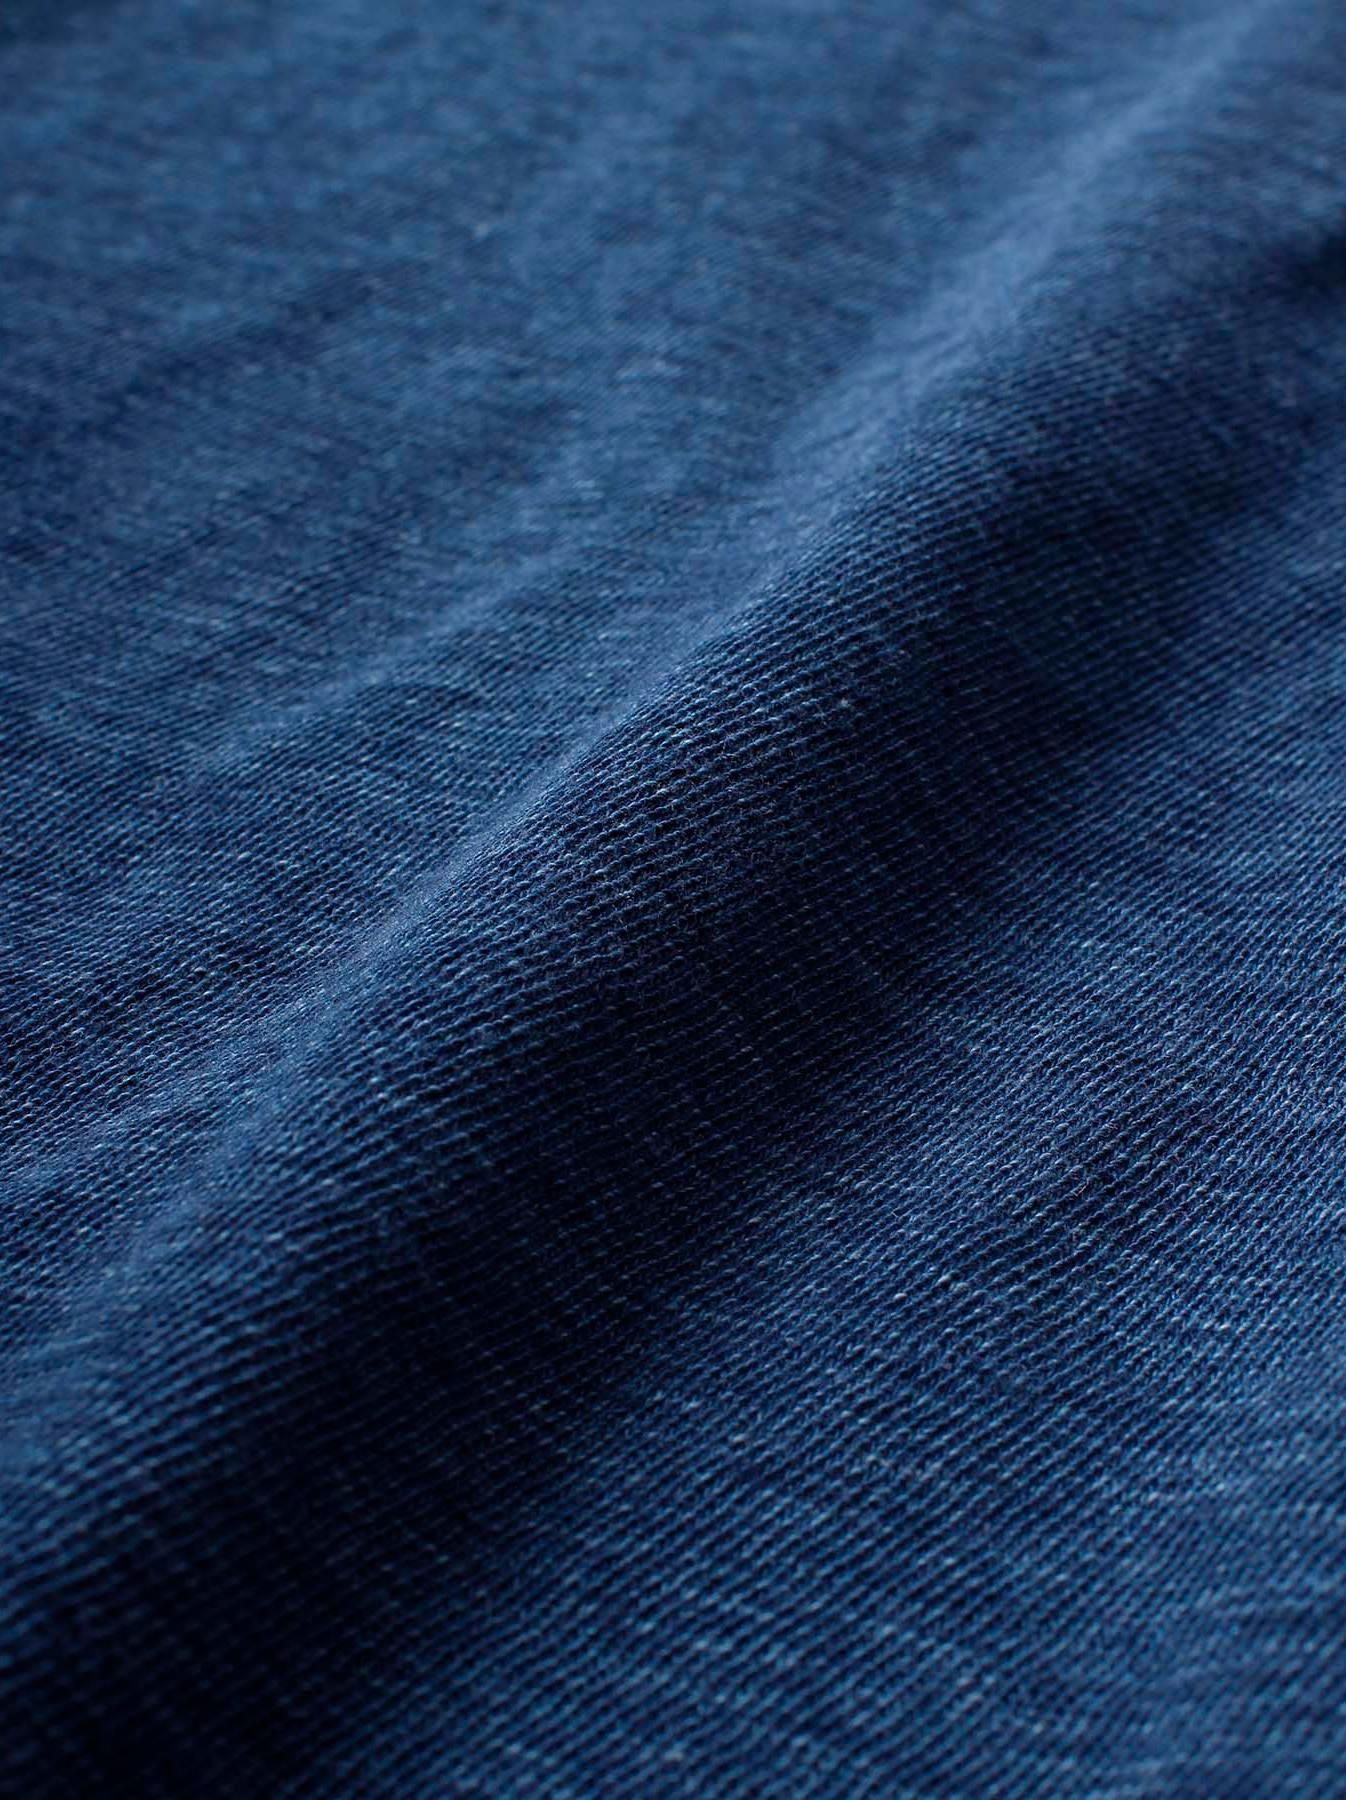 WH Indigo Plating Tenjiku T-shirt Distressed-12